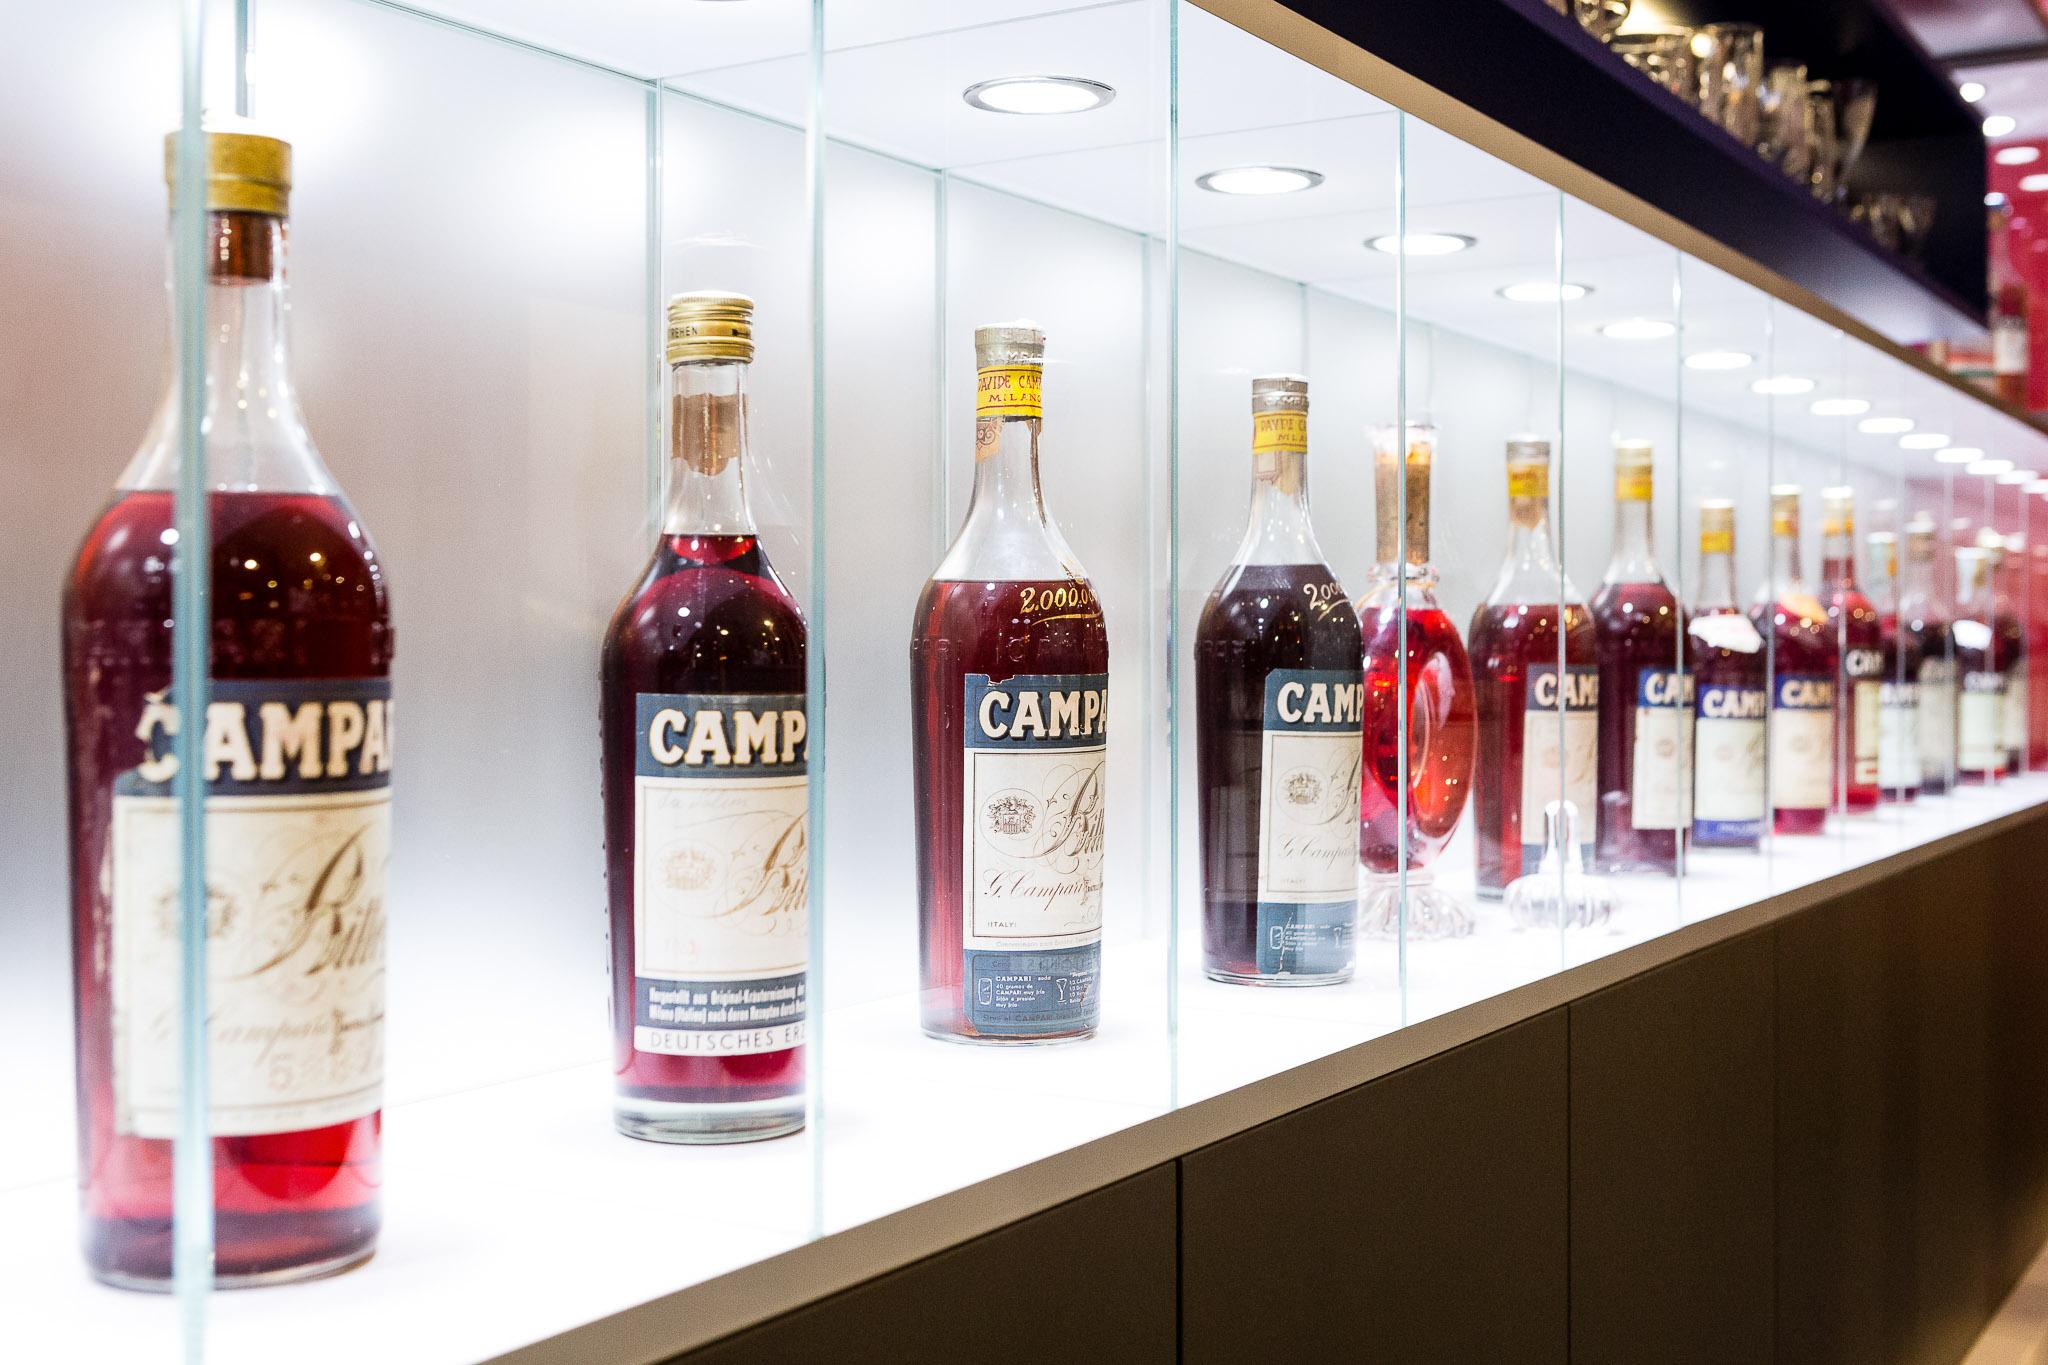 Galleria Campari Bottiglie Vetrina LoveITALIA